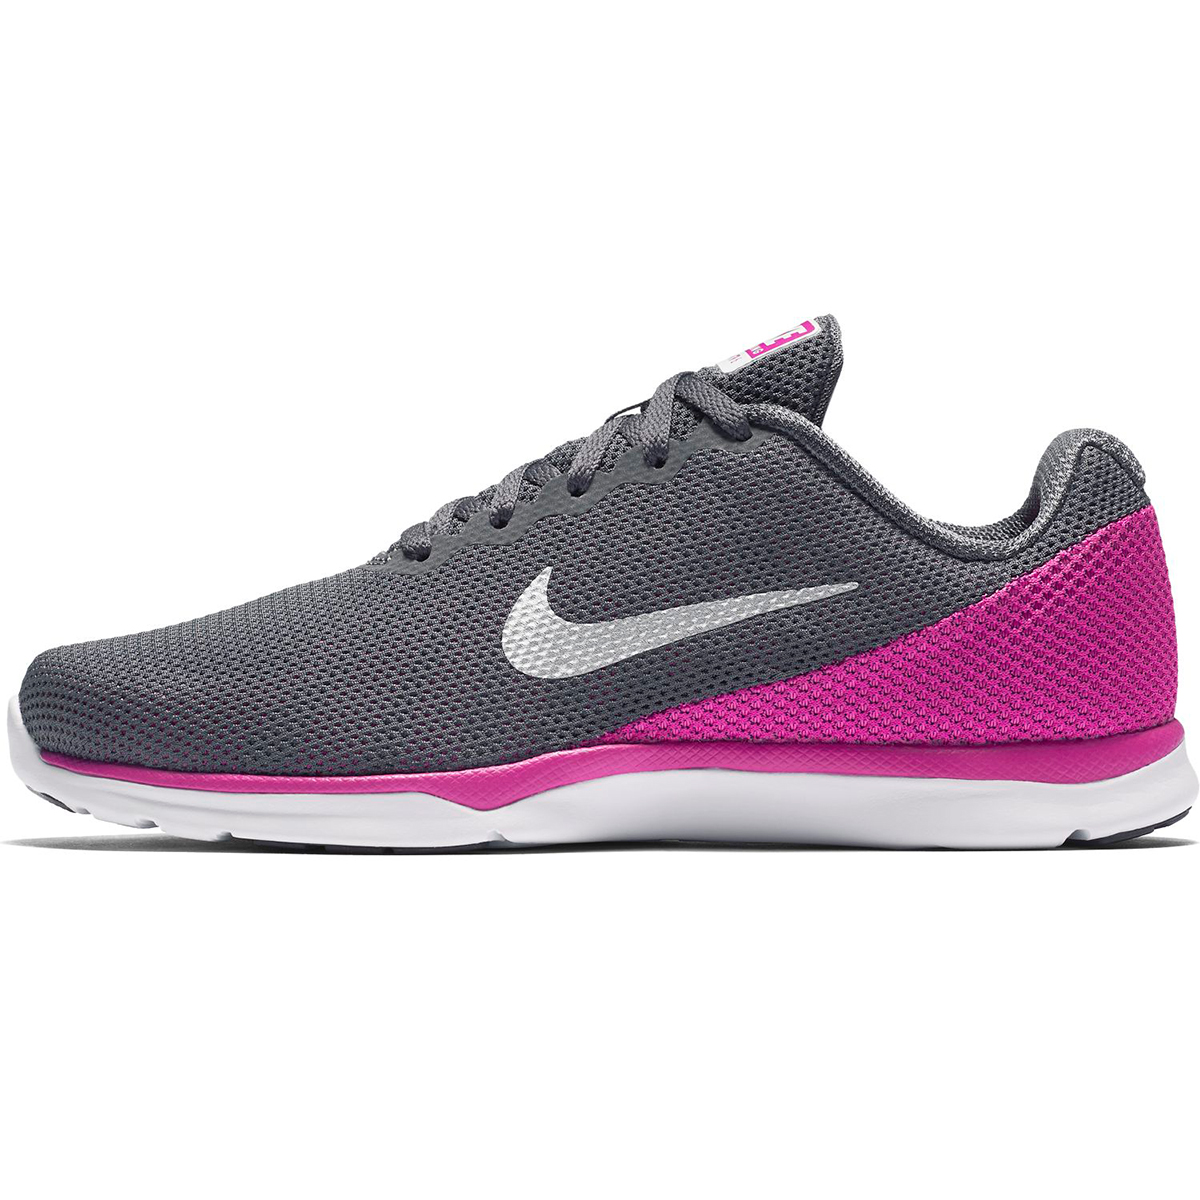 Season TR 6 Training Shoes